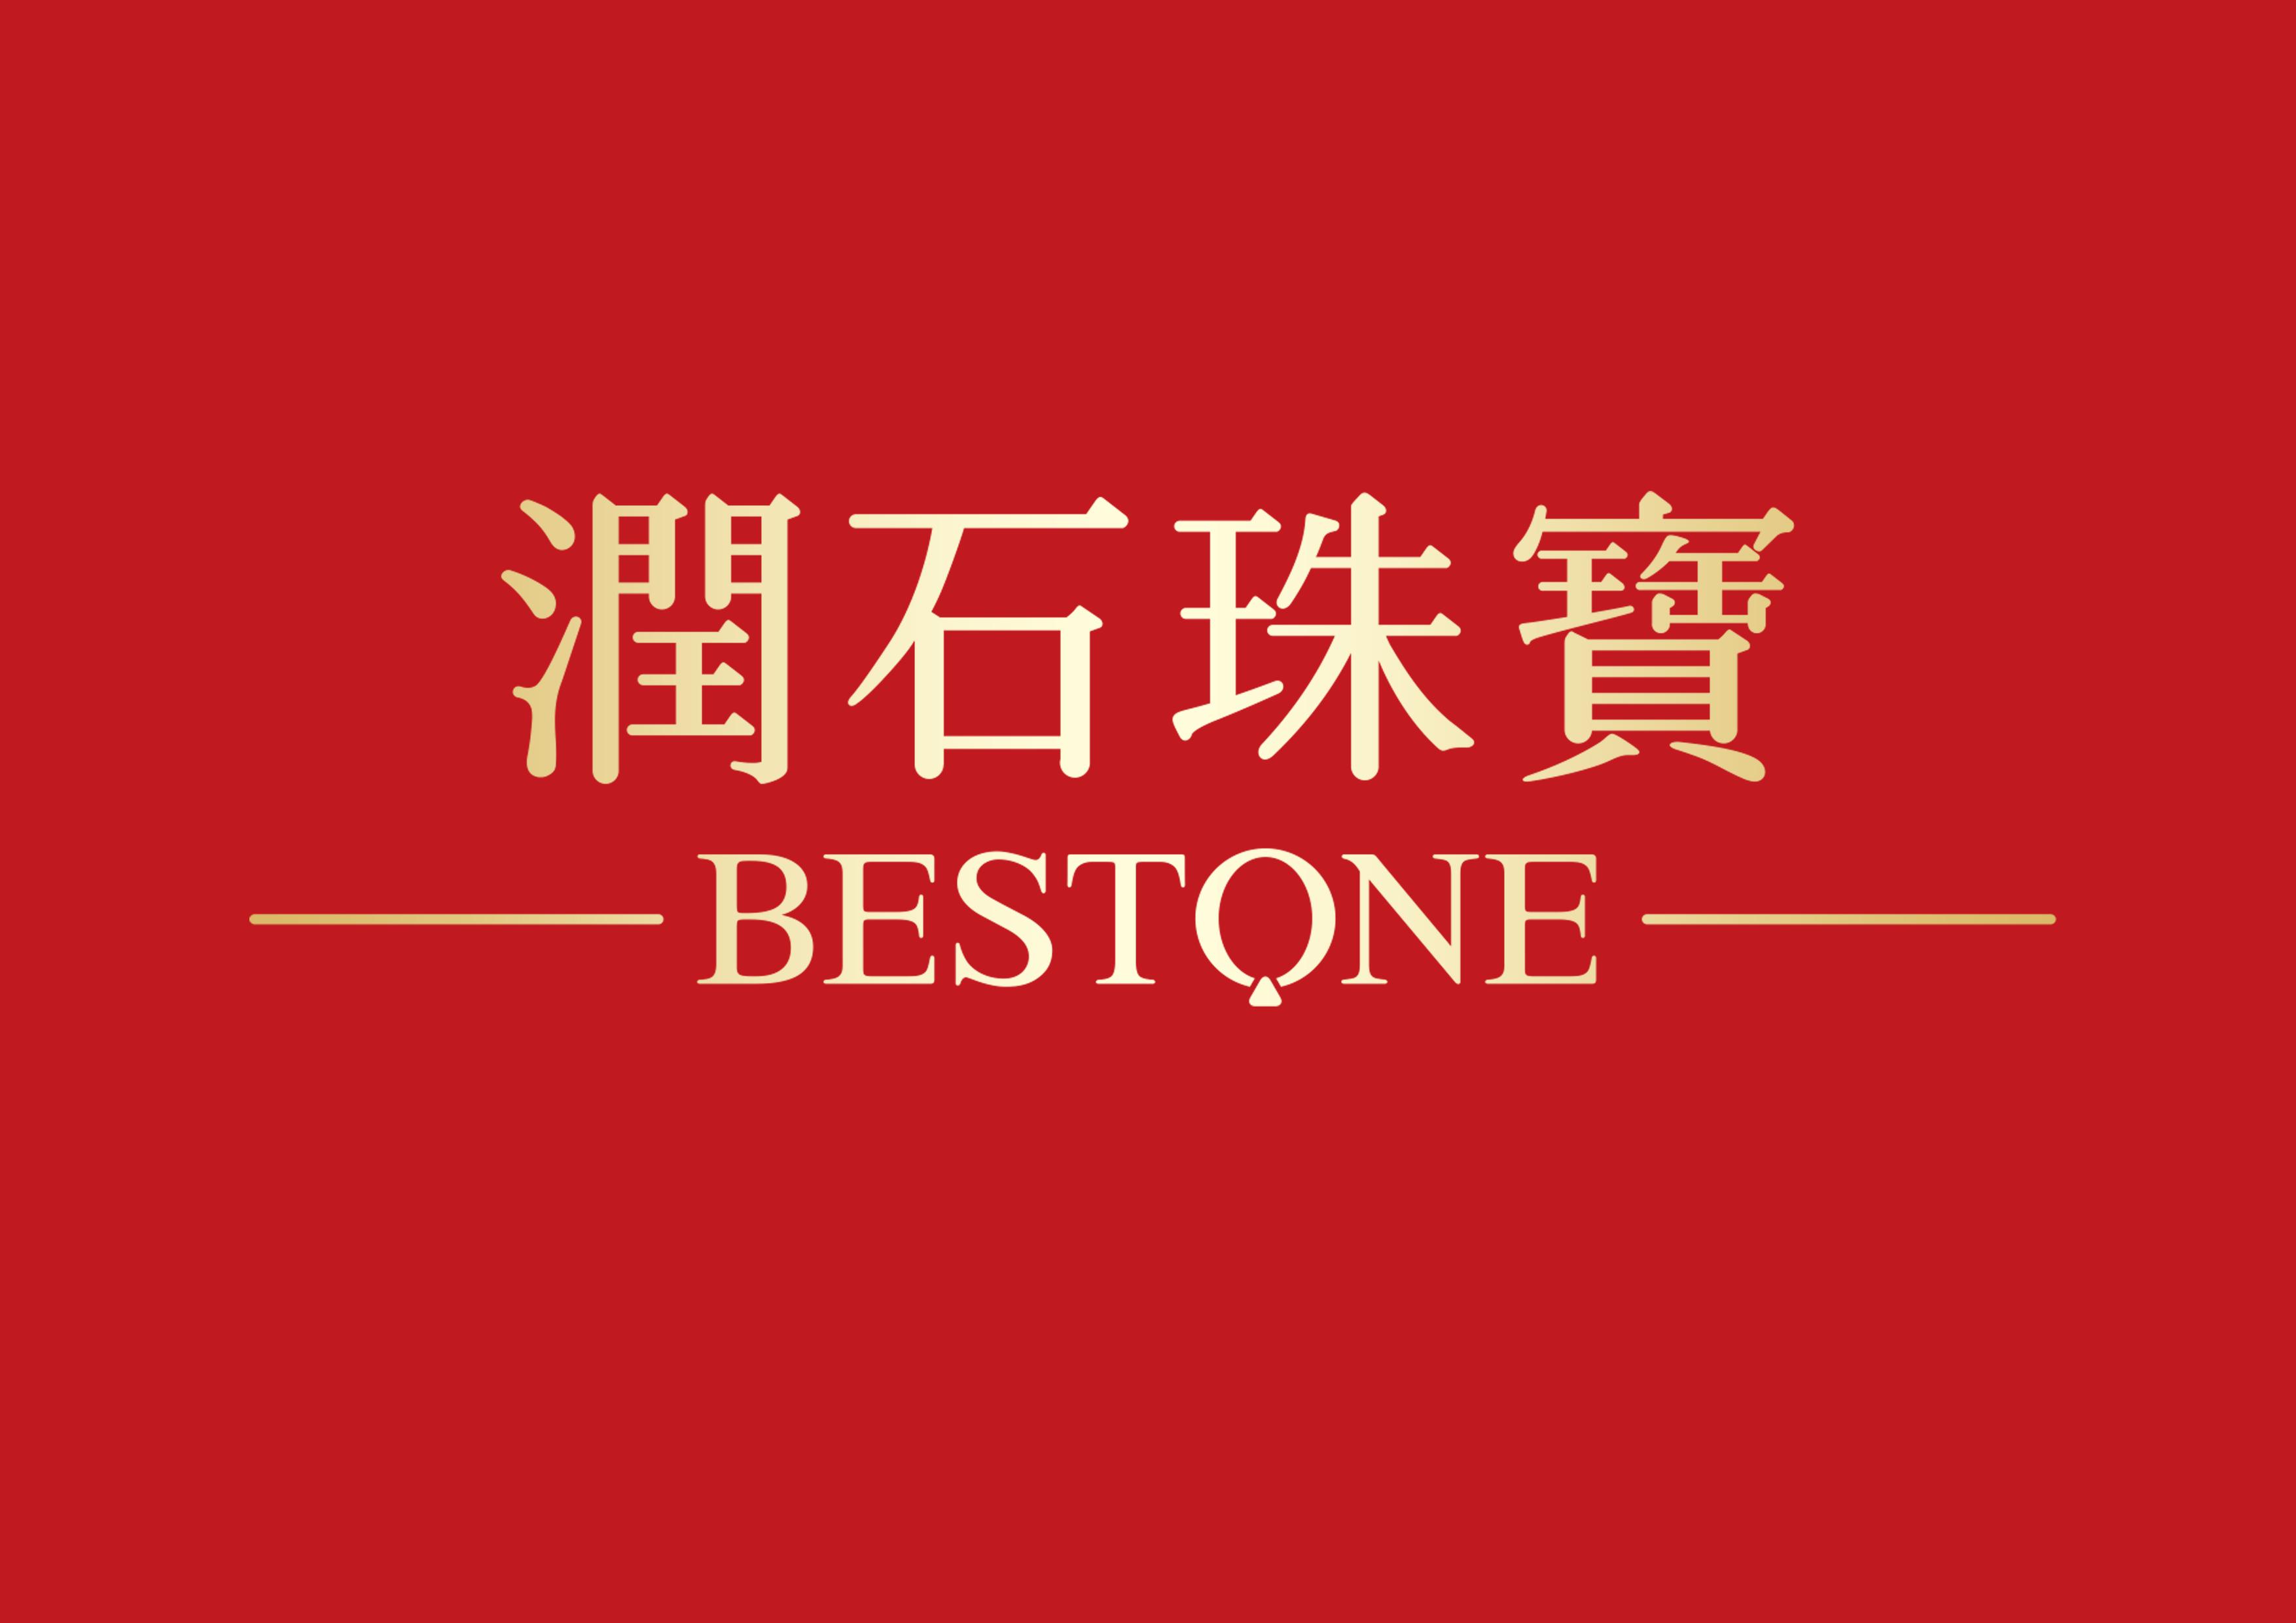 润石投资集团有限公司